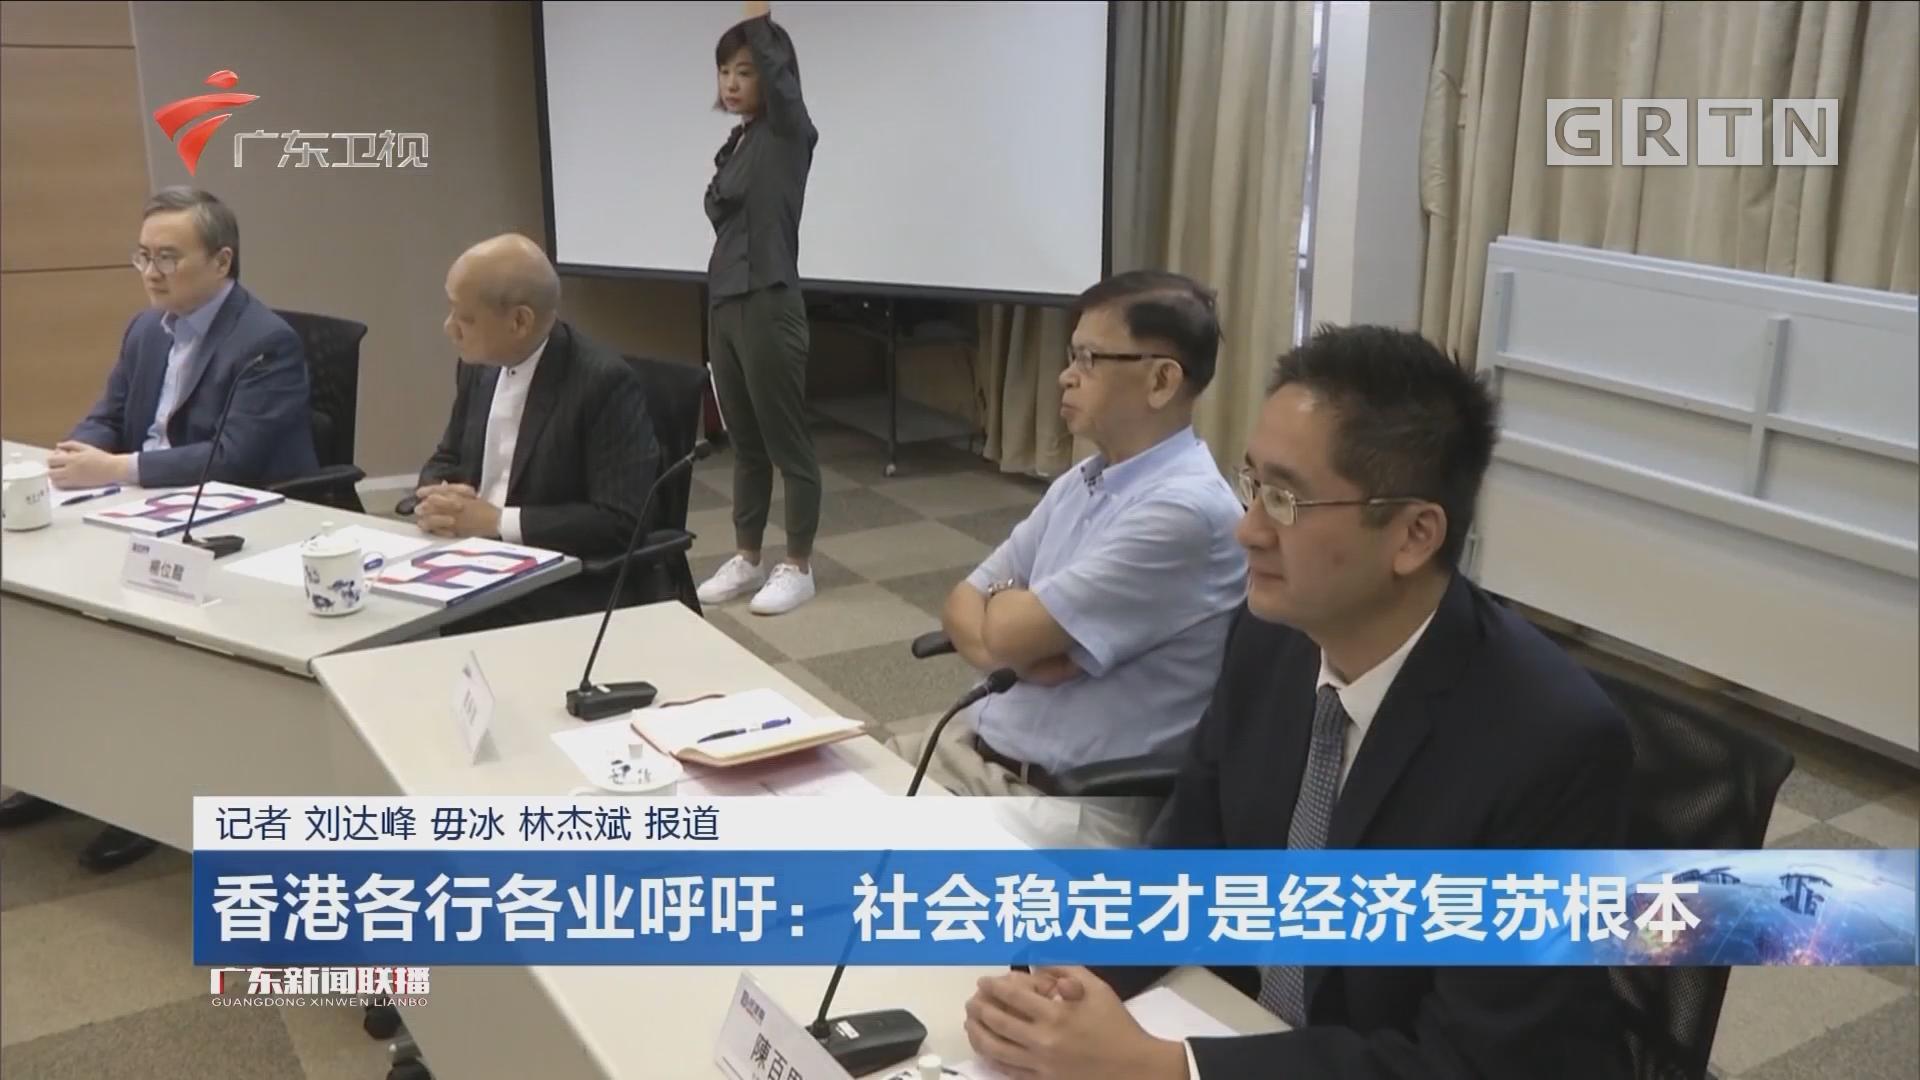 香港各行各业呼吁:社会稳定才是经济复苏根本